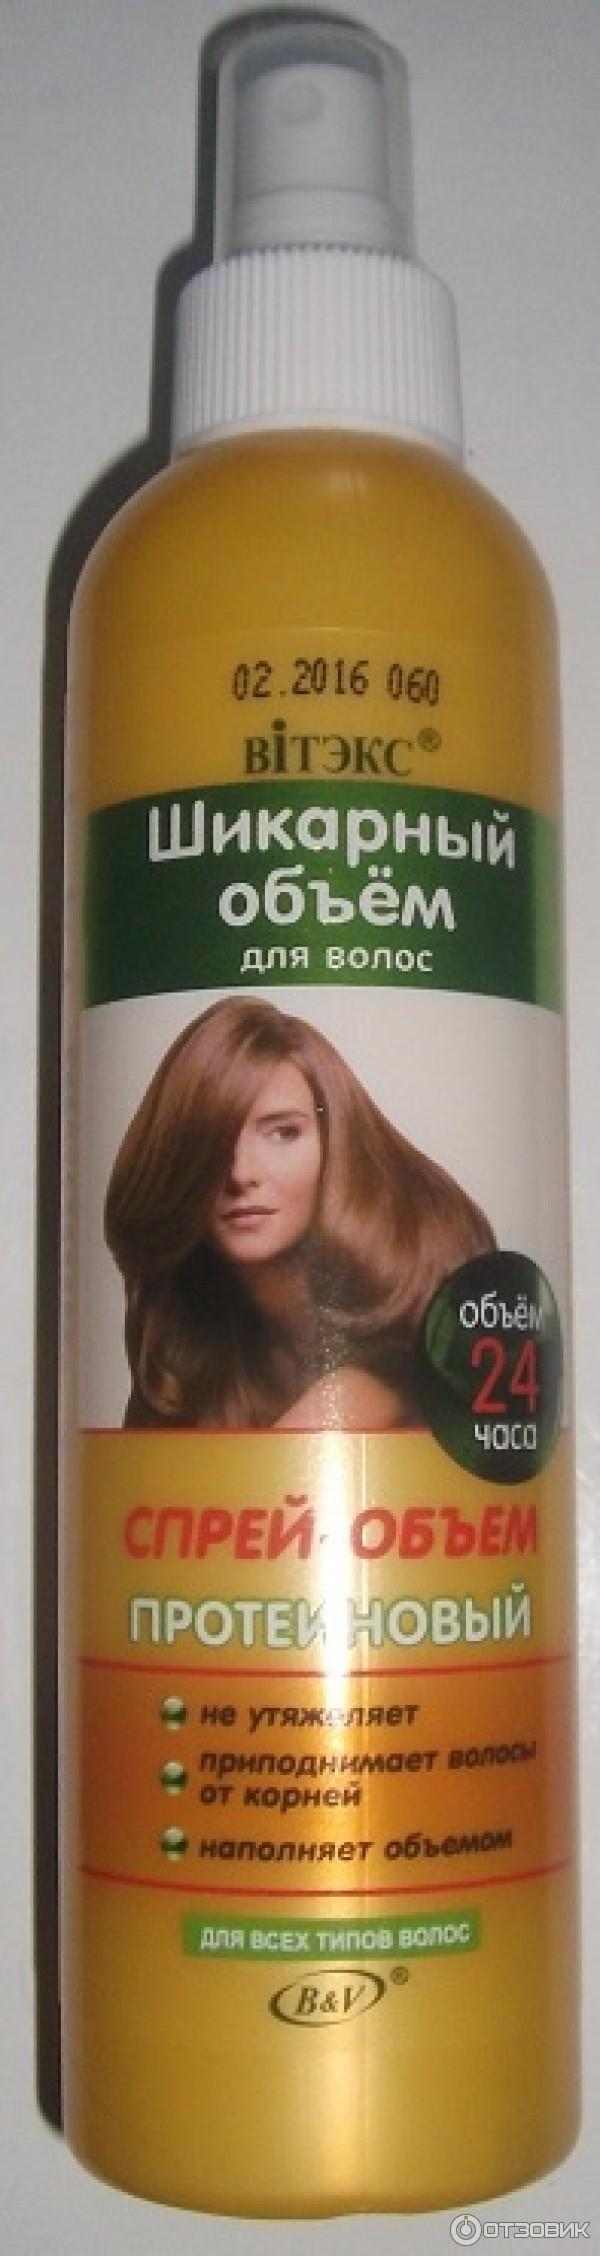 Для объема волос лучшее